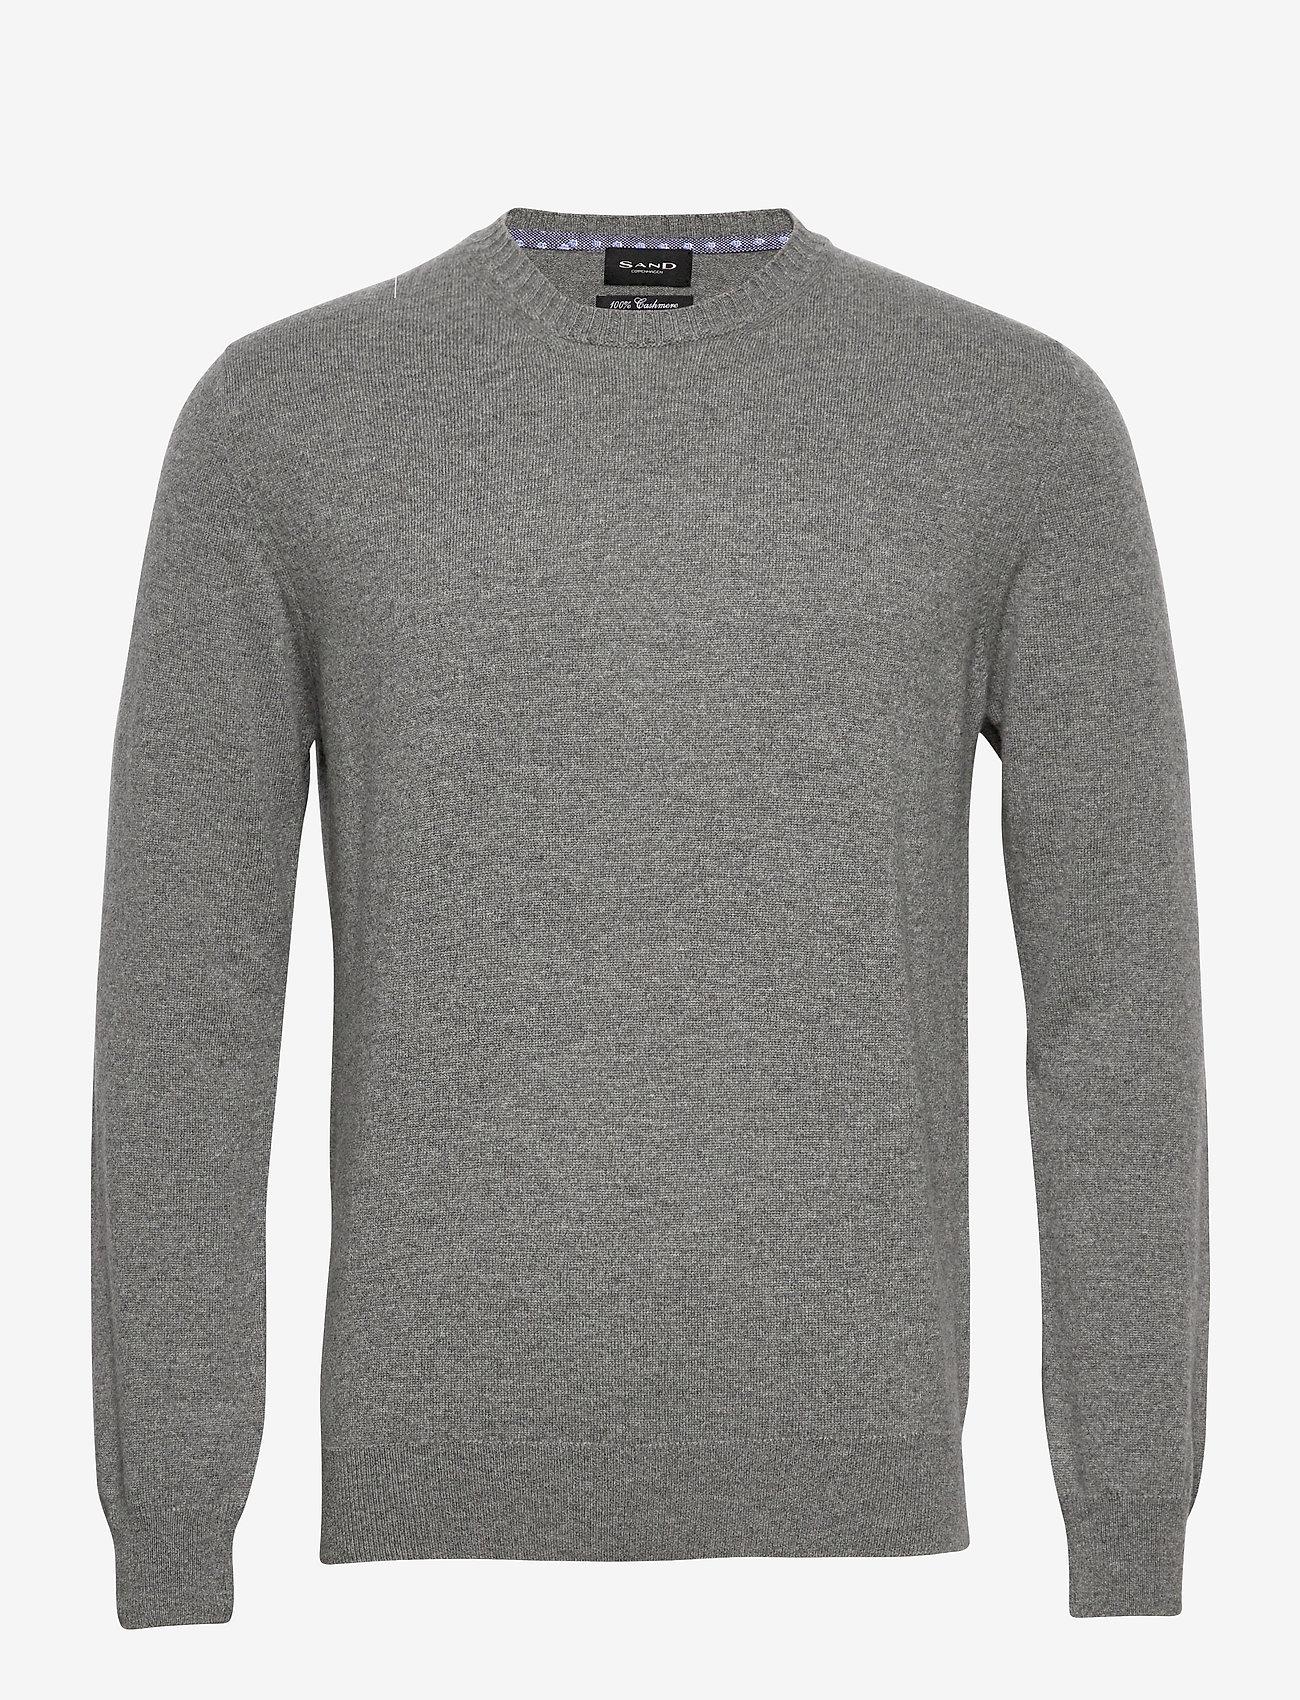 SAND - Cashmere - Iq - stickade basplagg - grey - 0